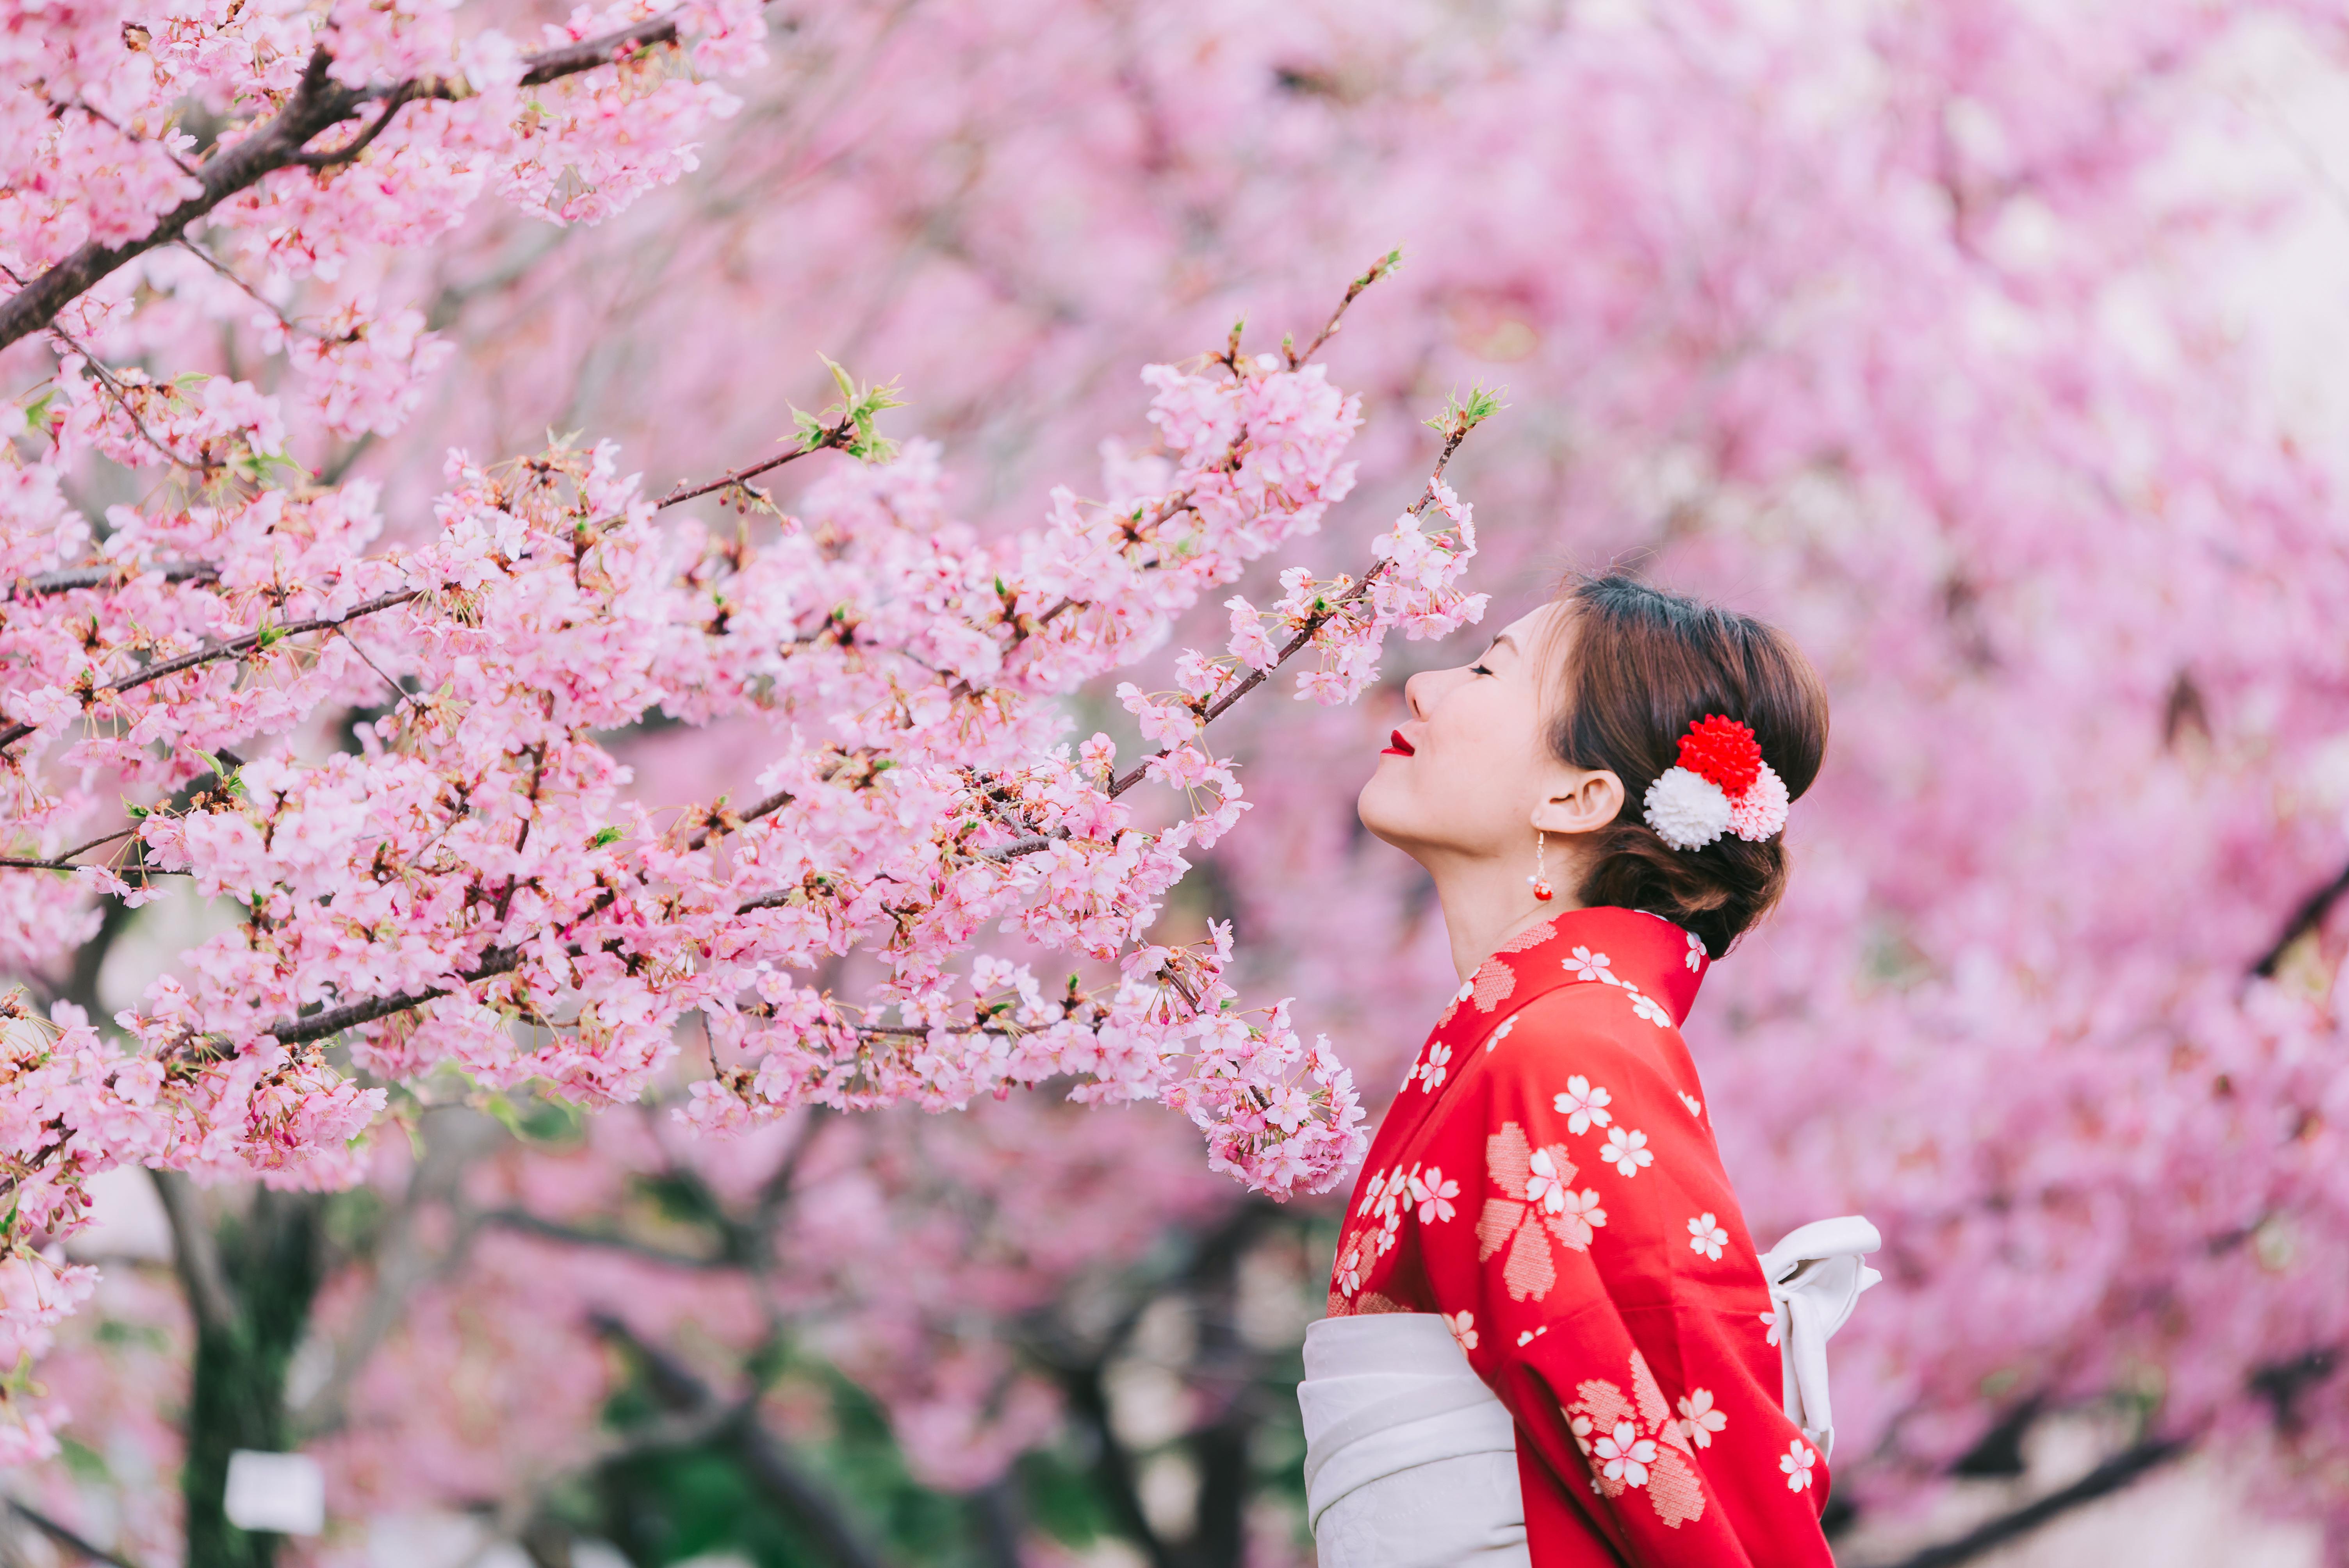 Cseresznyevirág.com társkereső oldal